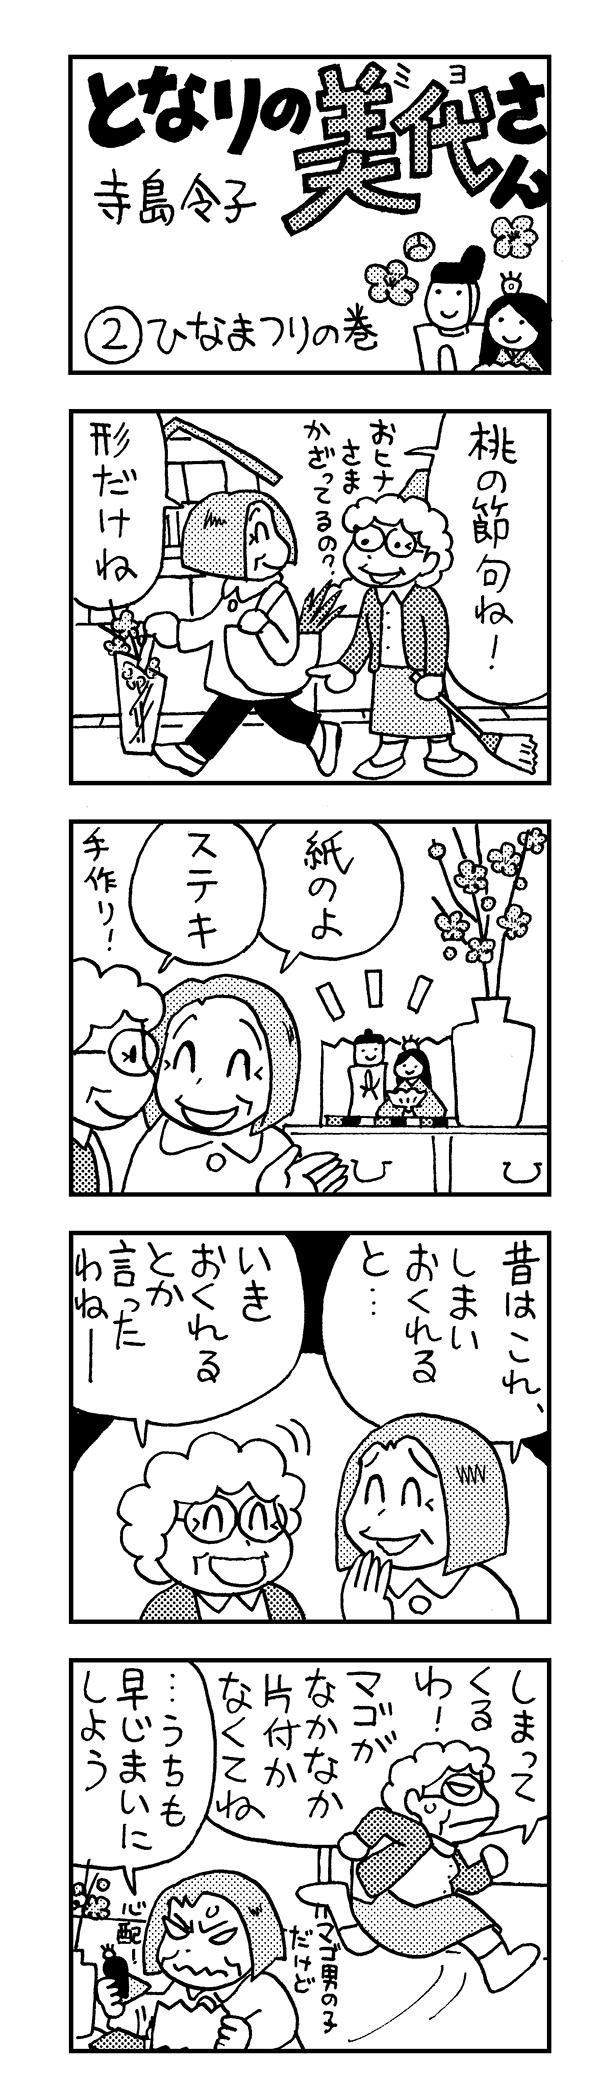 日本薬師堂会報誌掲載4コマ漫画 第2弾[画像1]